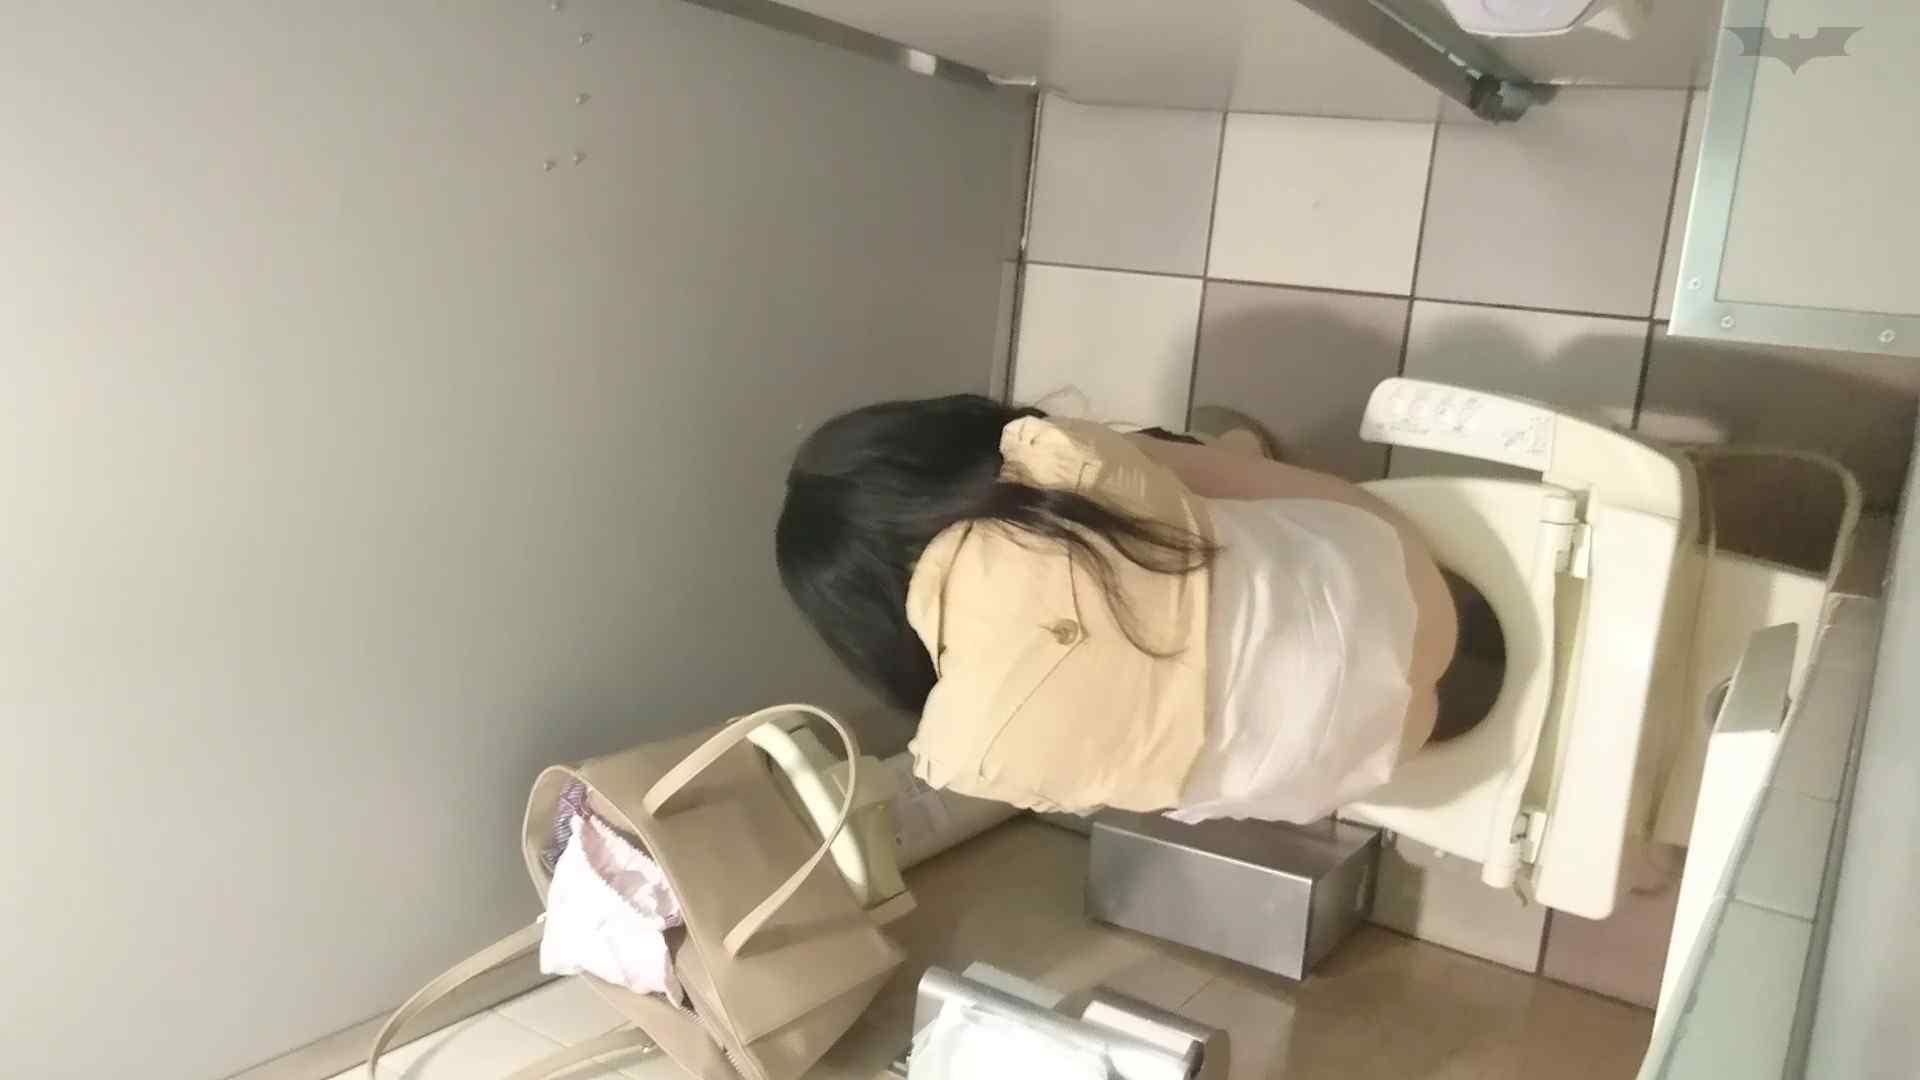 化粧室絵巻 ショッピングモール編 VOL.19 盛合せ すけべAV動画紹介 91画像 35